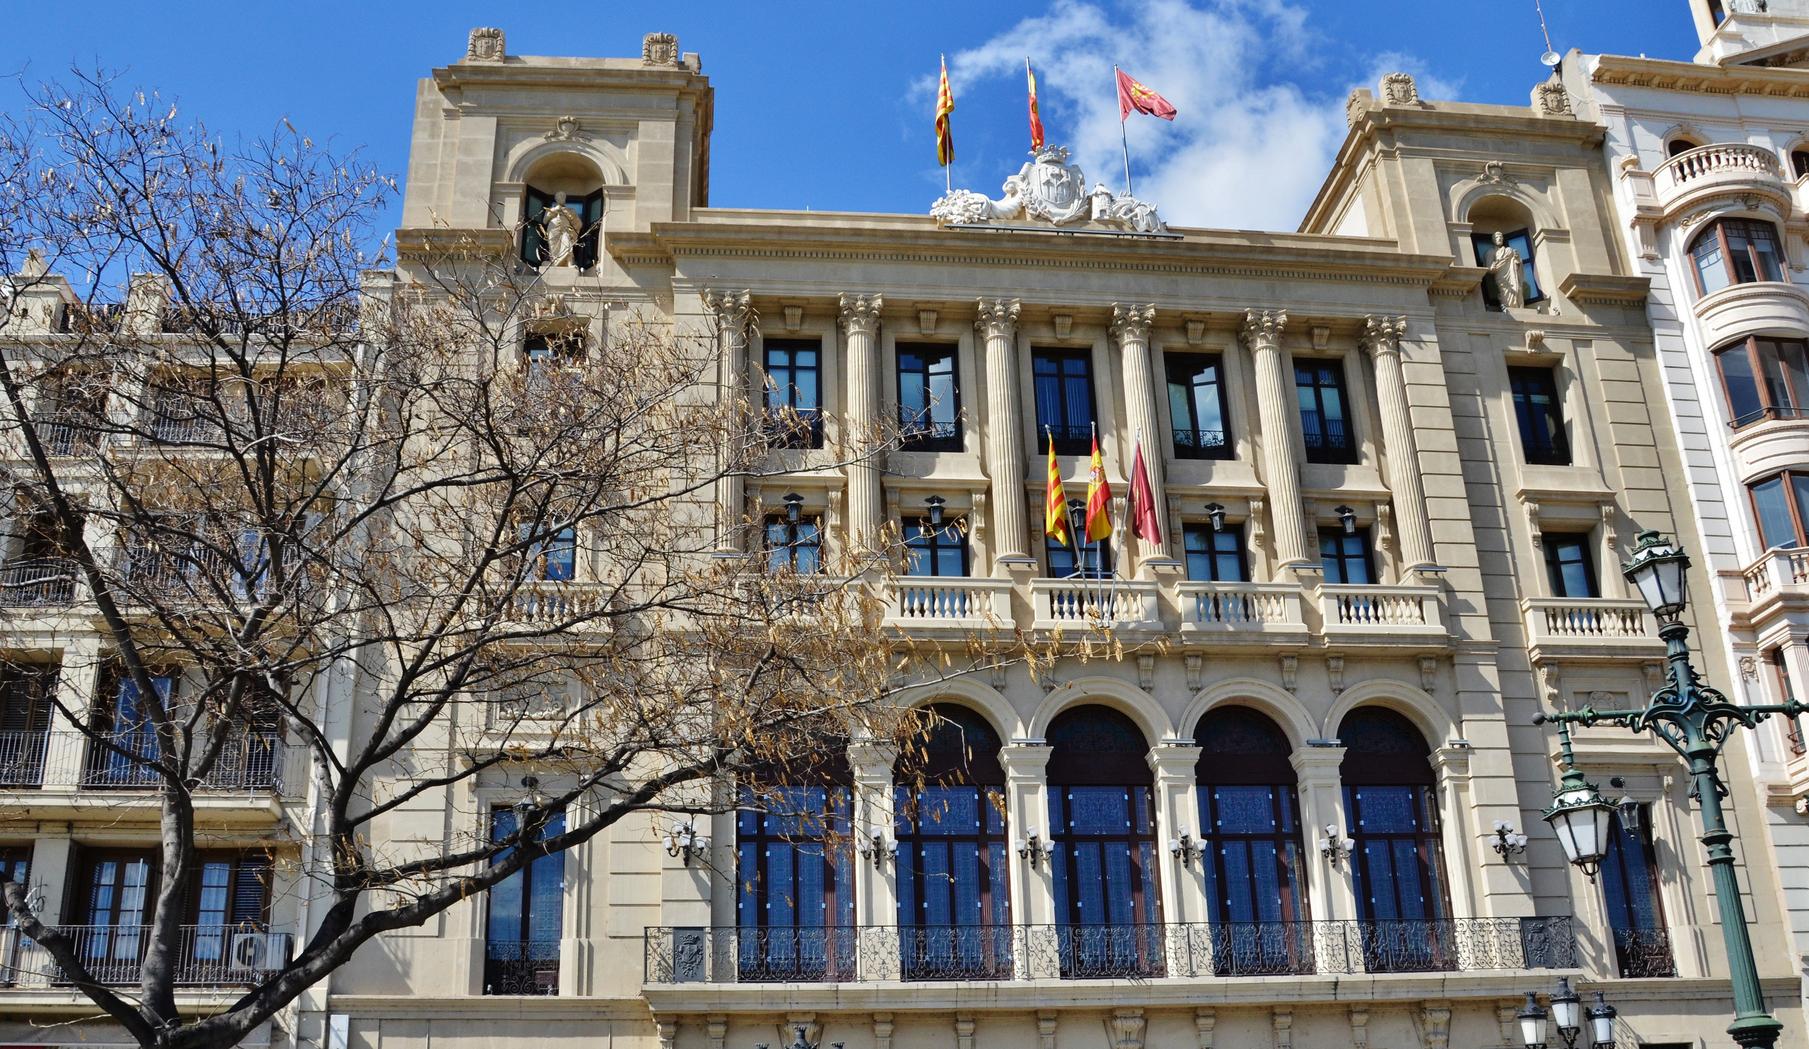 El Ayuntamiento de Lleida gestiona las acciones formativas de sus empleados de forma electrónica